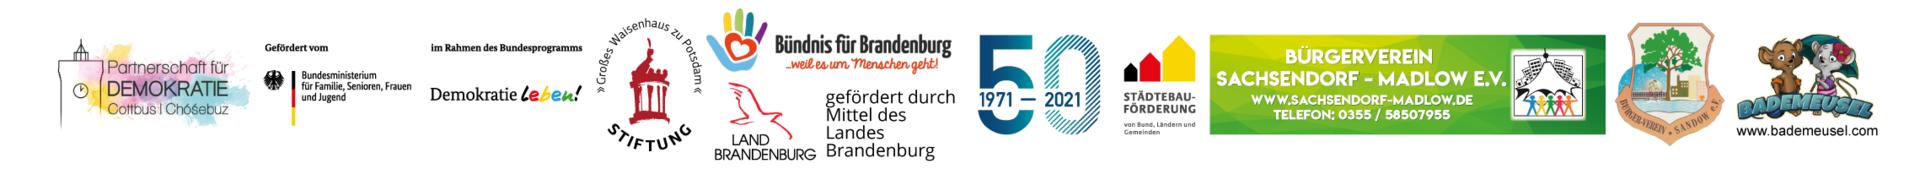 Logoleiste Partner & Förderer